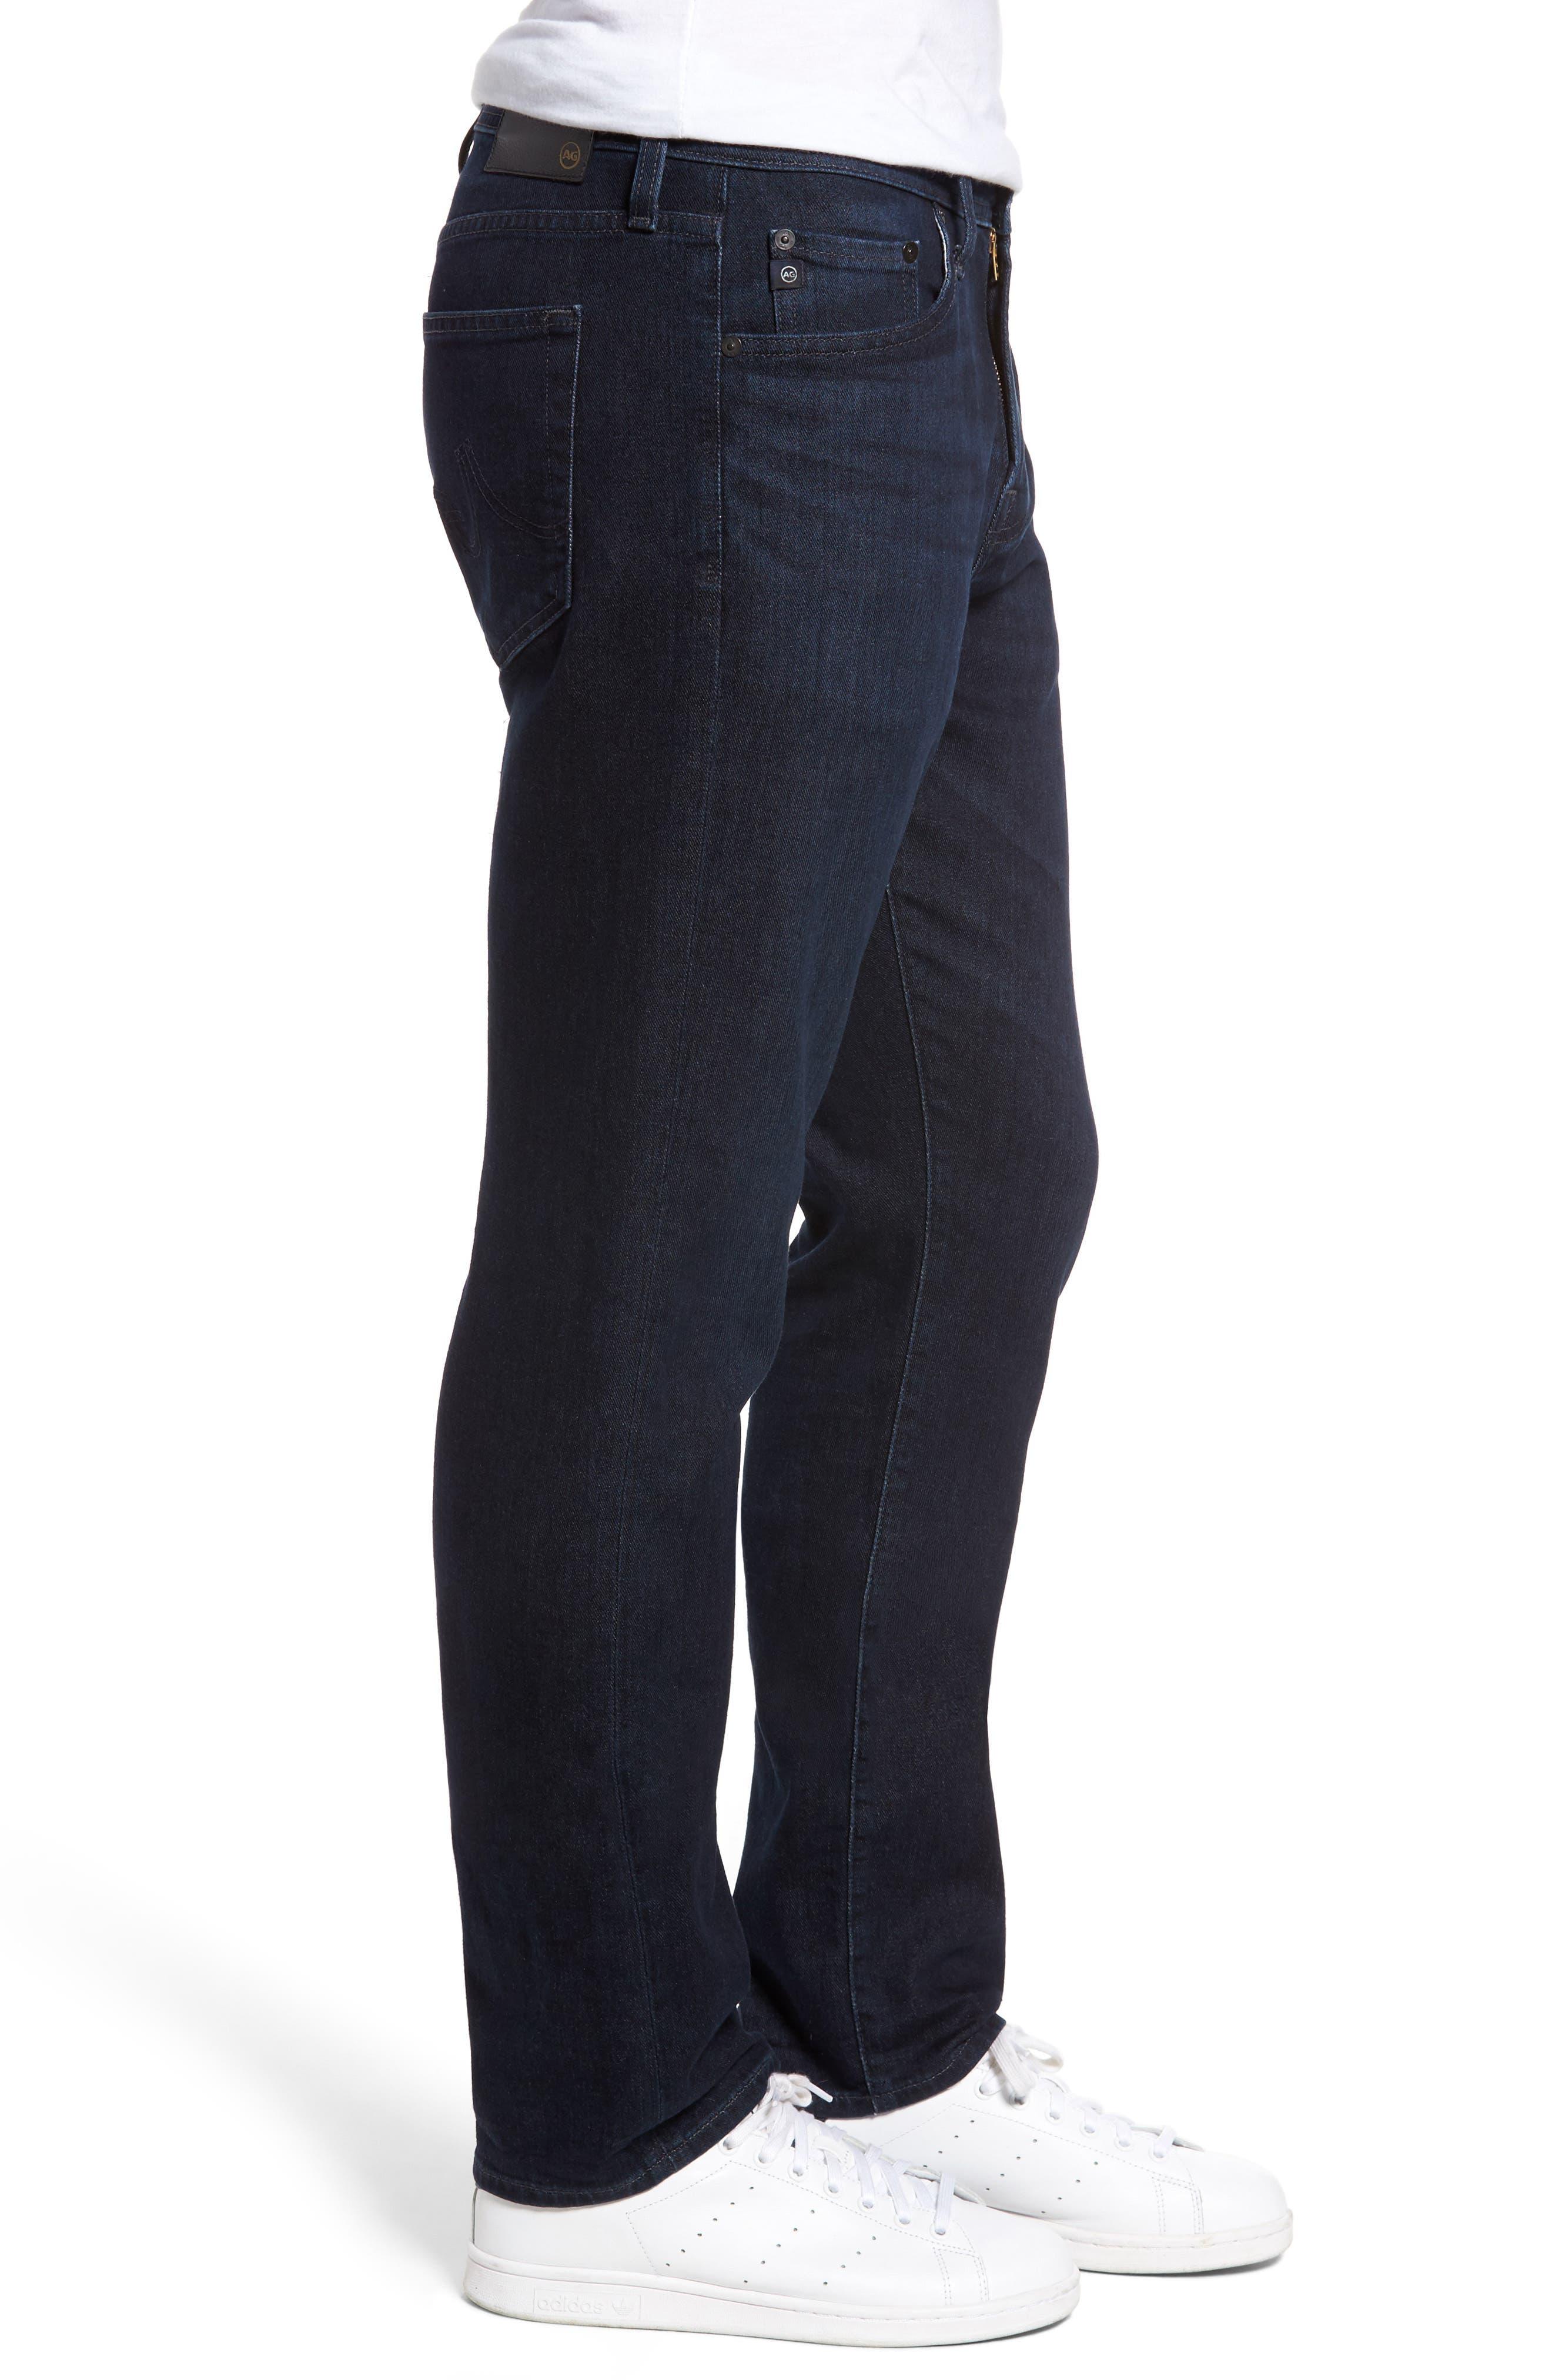 Everett Slim Straight Fit Jeans,                             Alternate thumbnail 3, color,                             Regulator